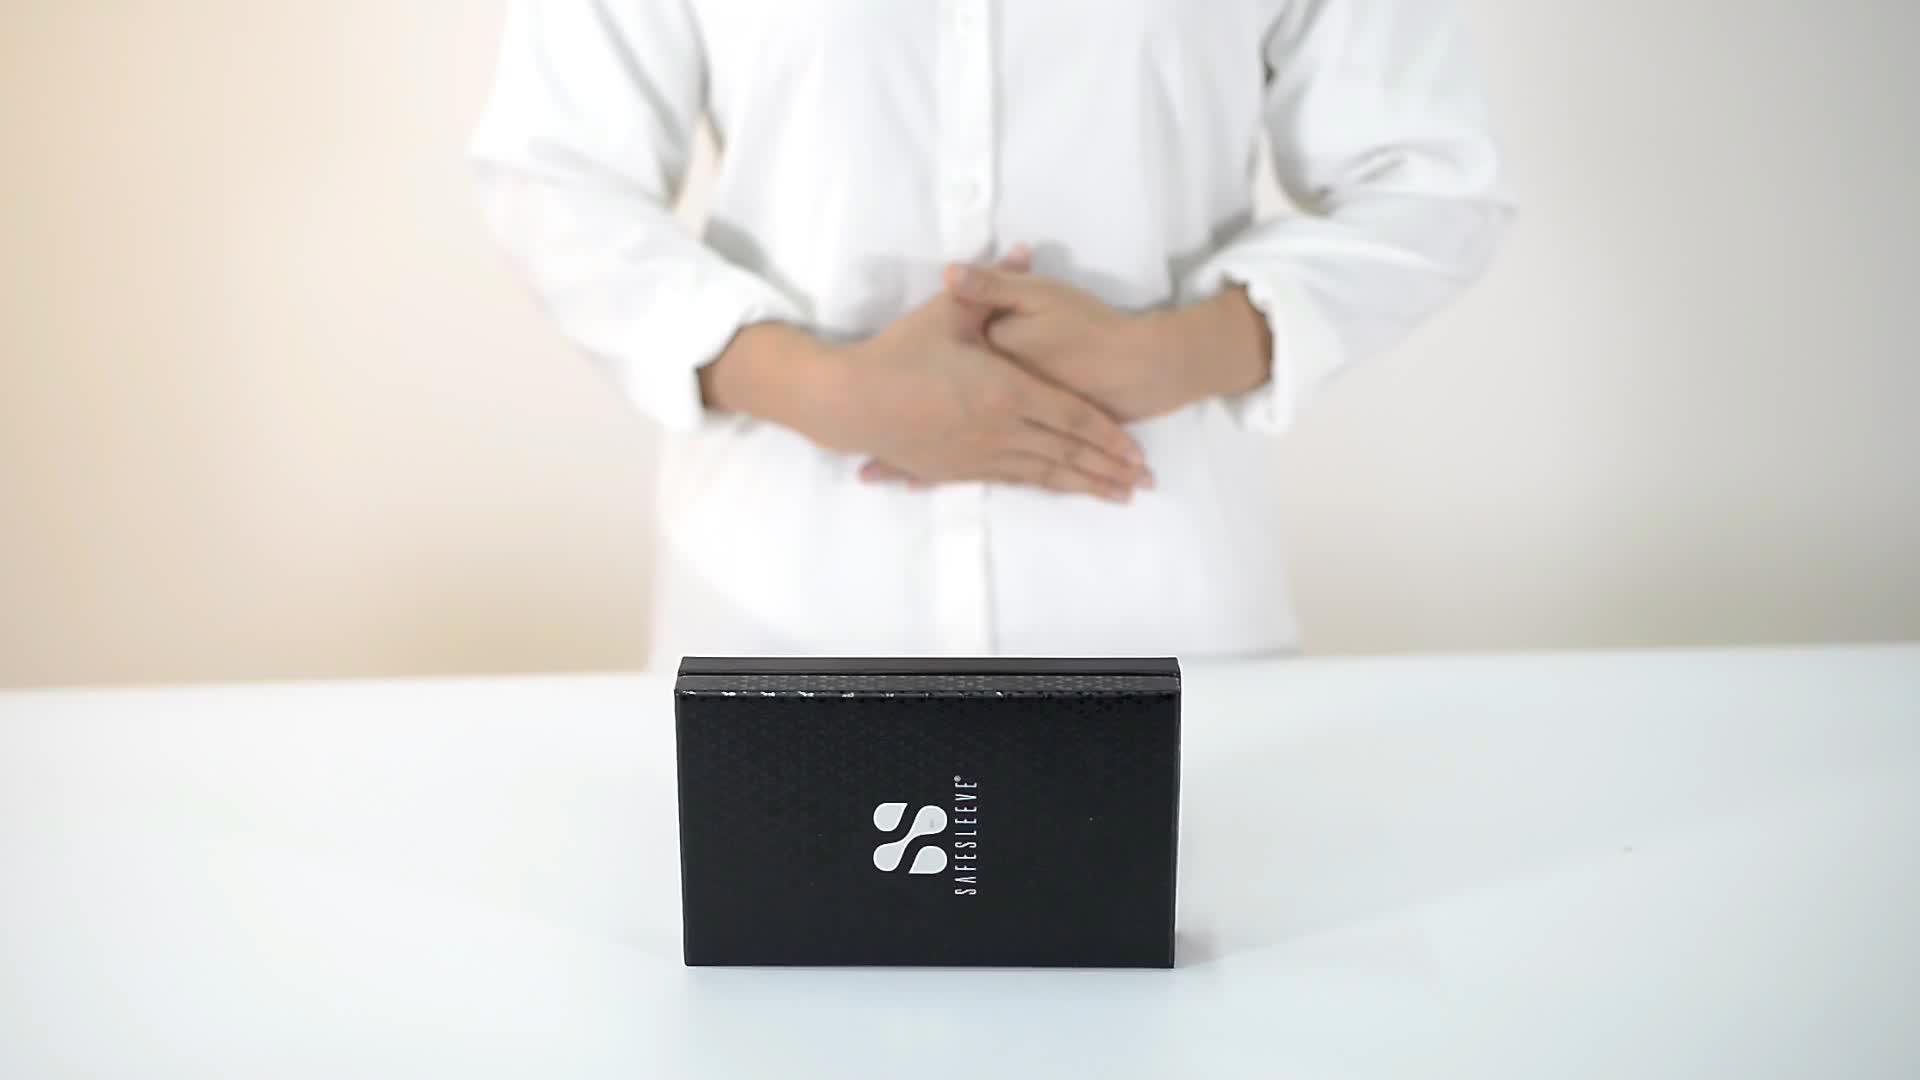 カスタム UV ロゴ高級黒スポンジ内部ギフトベルト財布段ボール包装用のボックス